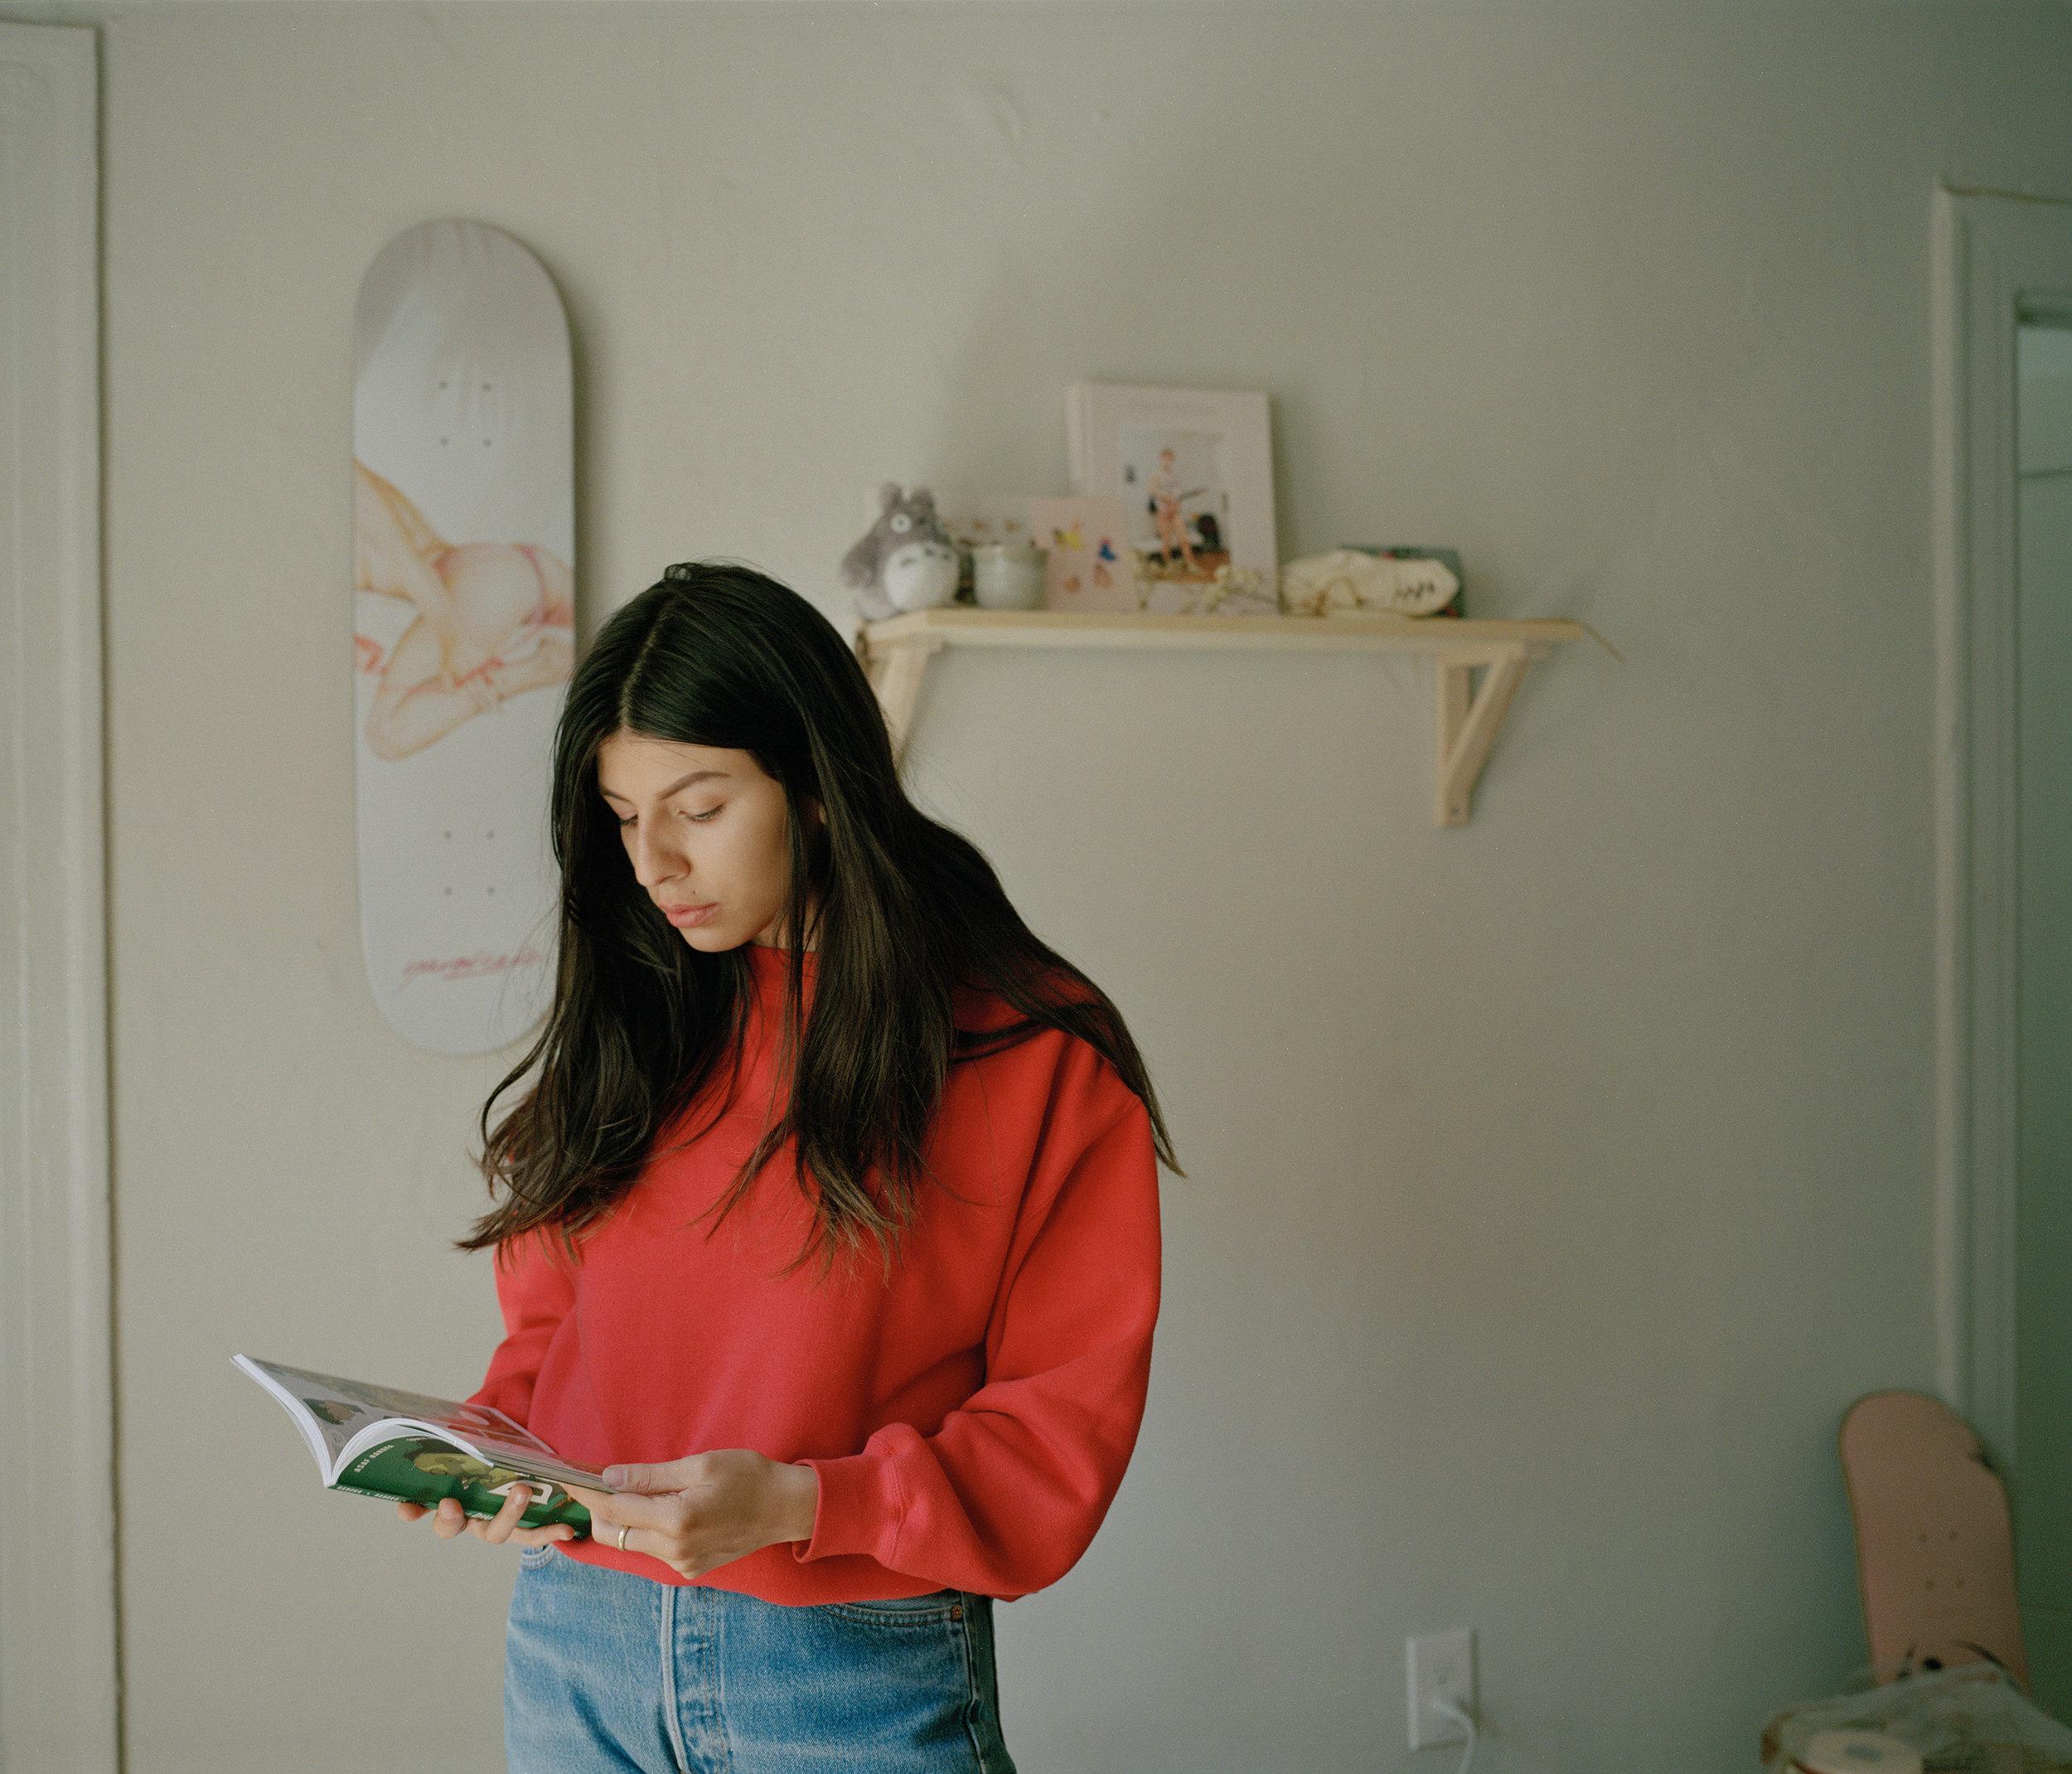 Alix Gutierrez - los angeles illustrator in her home studio